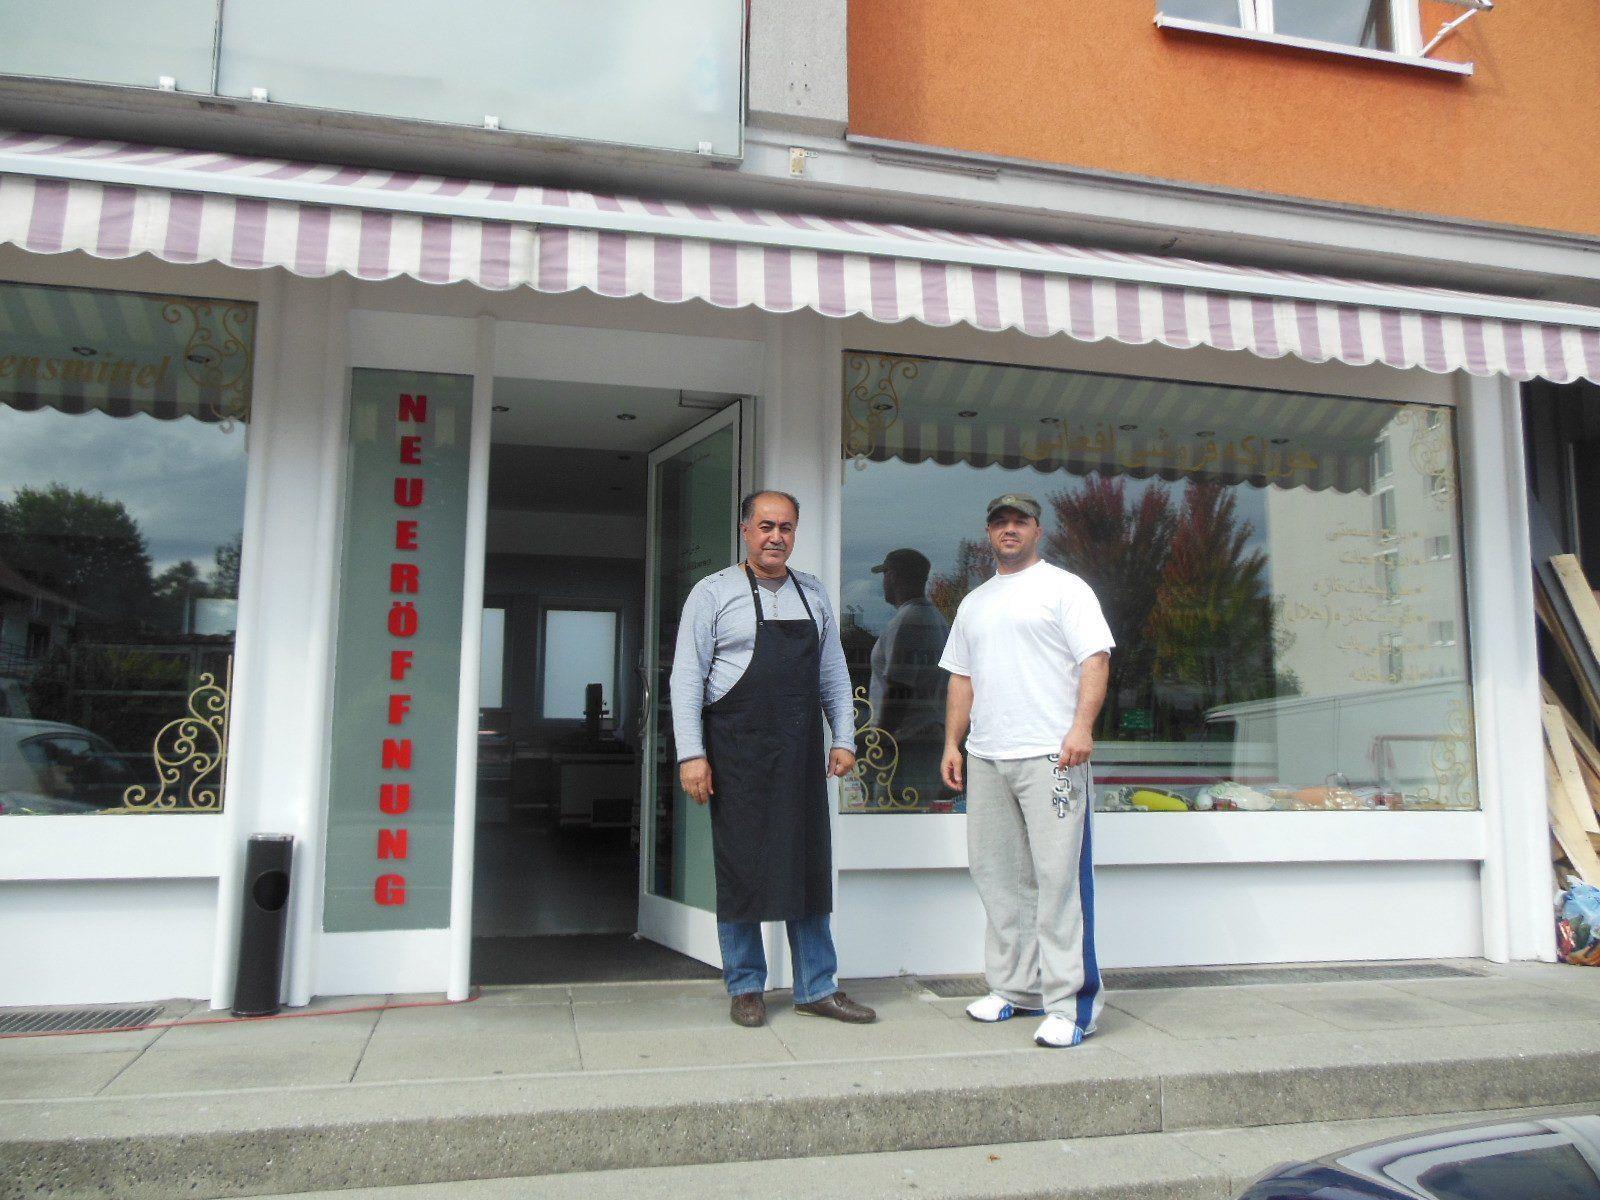 Das afghanische Lebensmittelgeschäft in der Rheinstraße 42 in Bregenz.